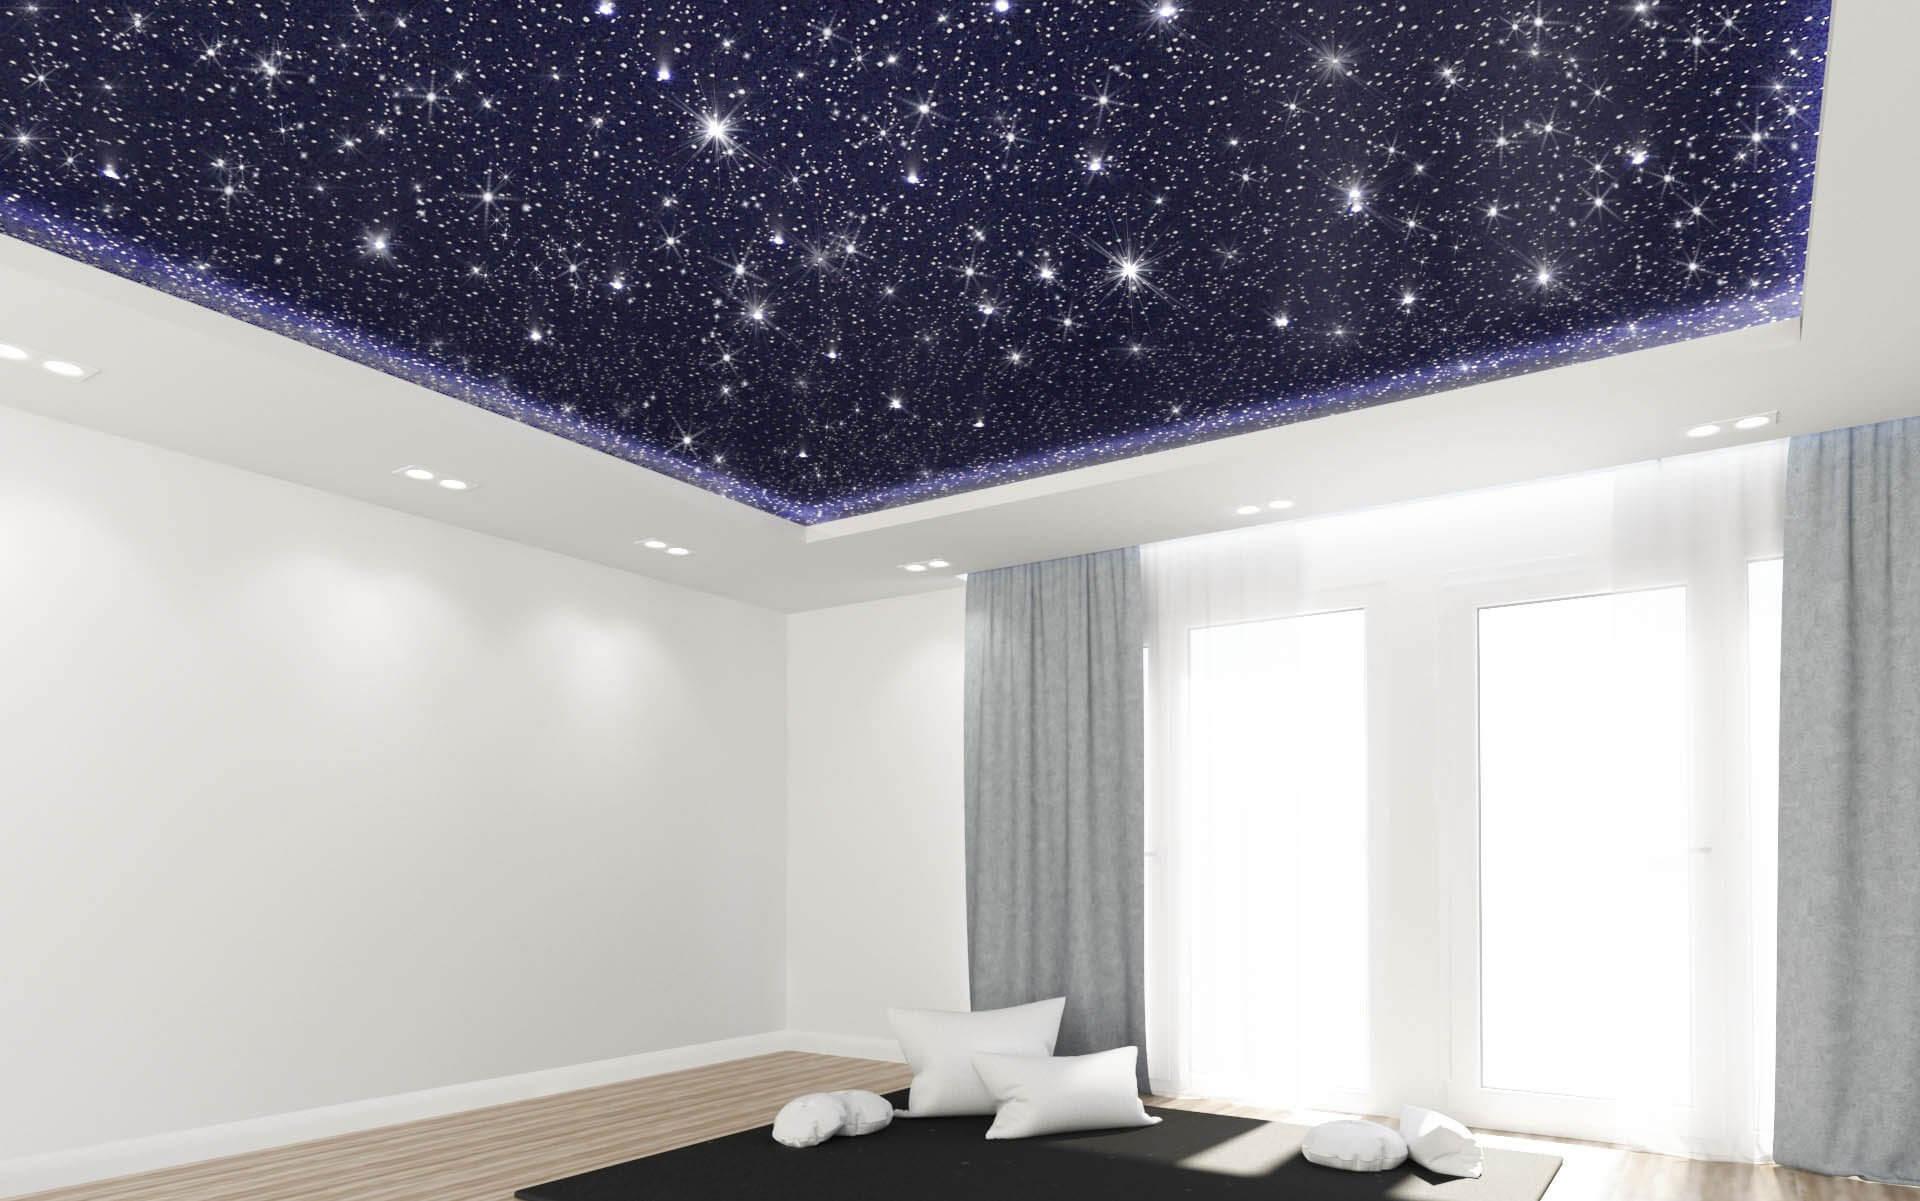 Звездное небо картинки на потолок